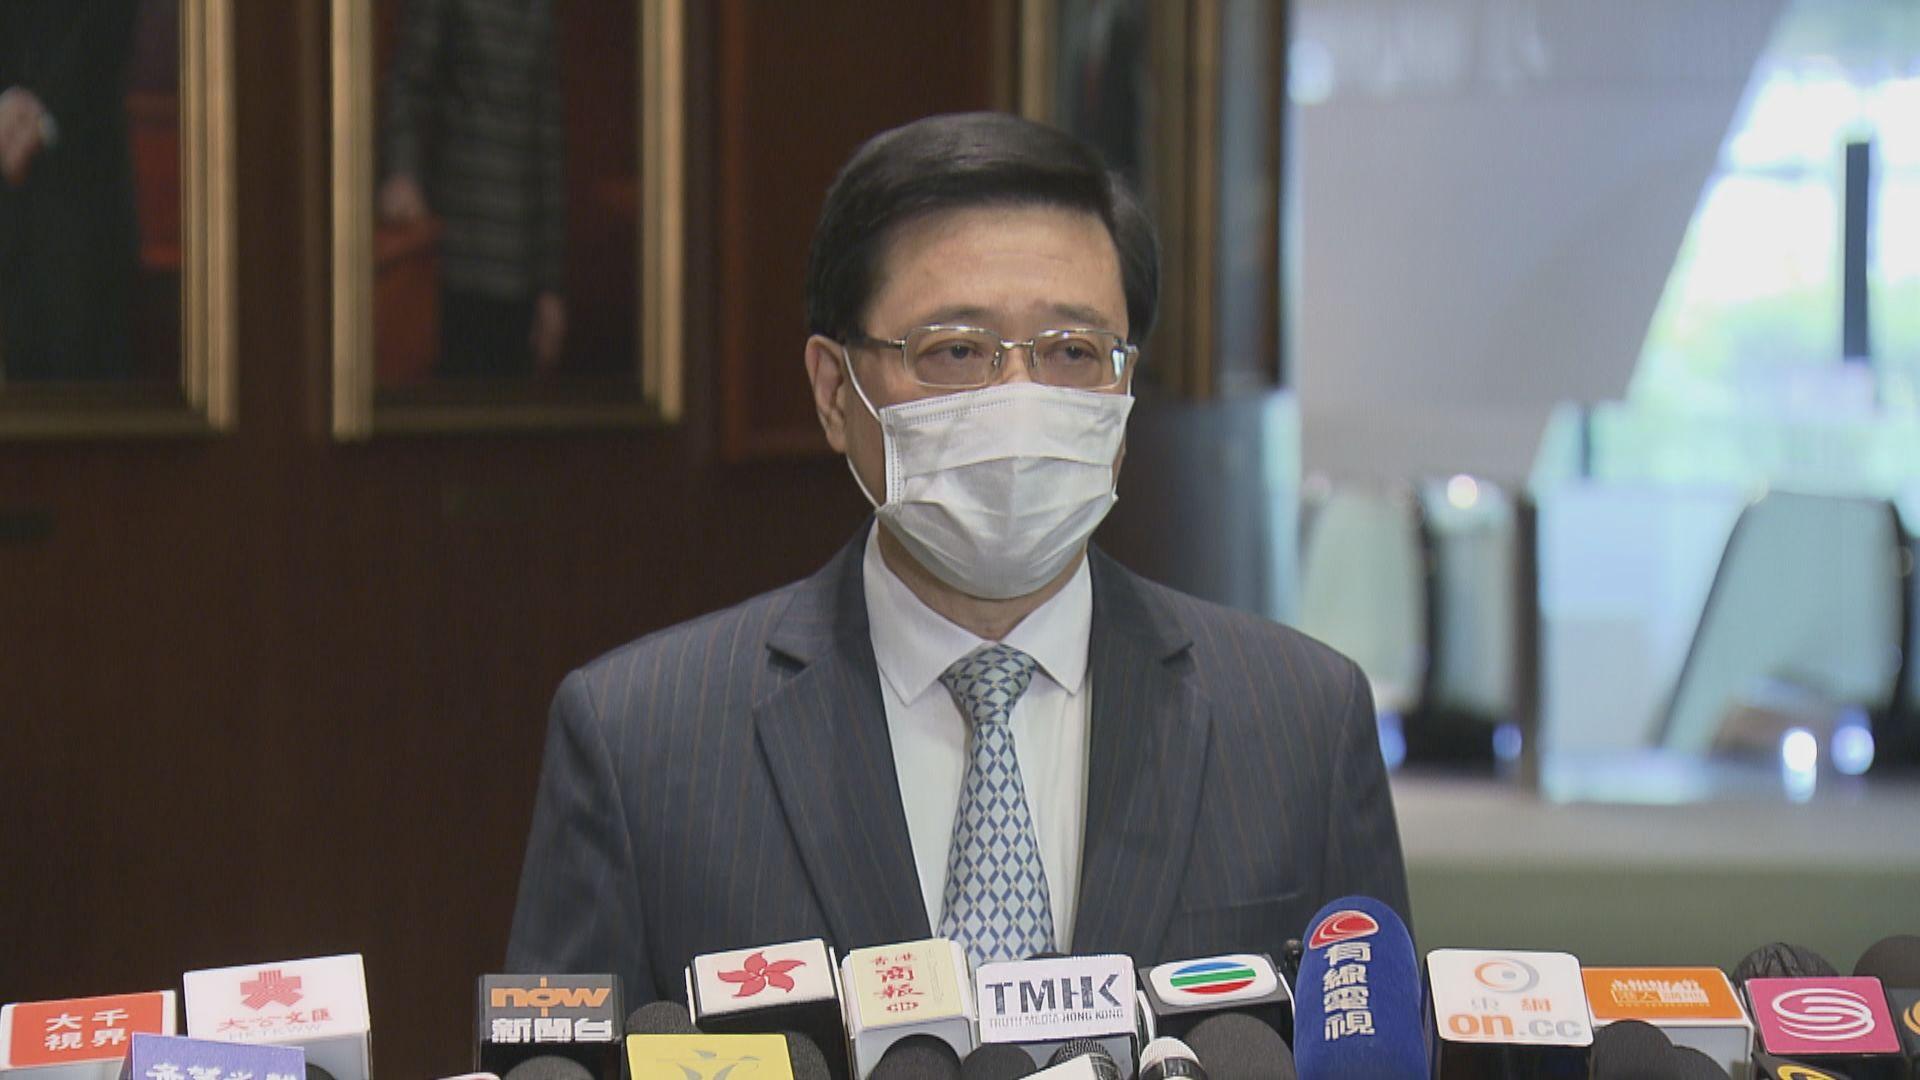 李家超:初選是歹毒計劃 圖謀癱瘓香港